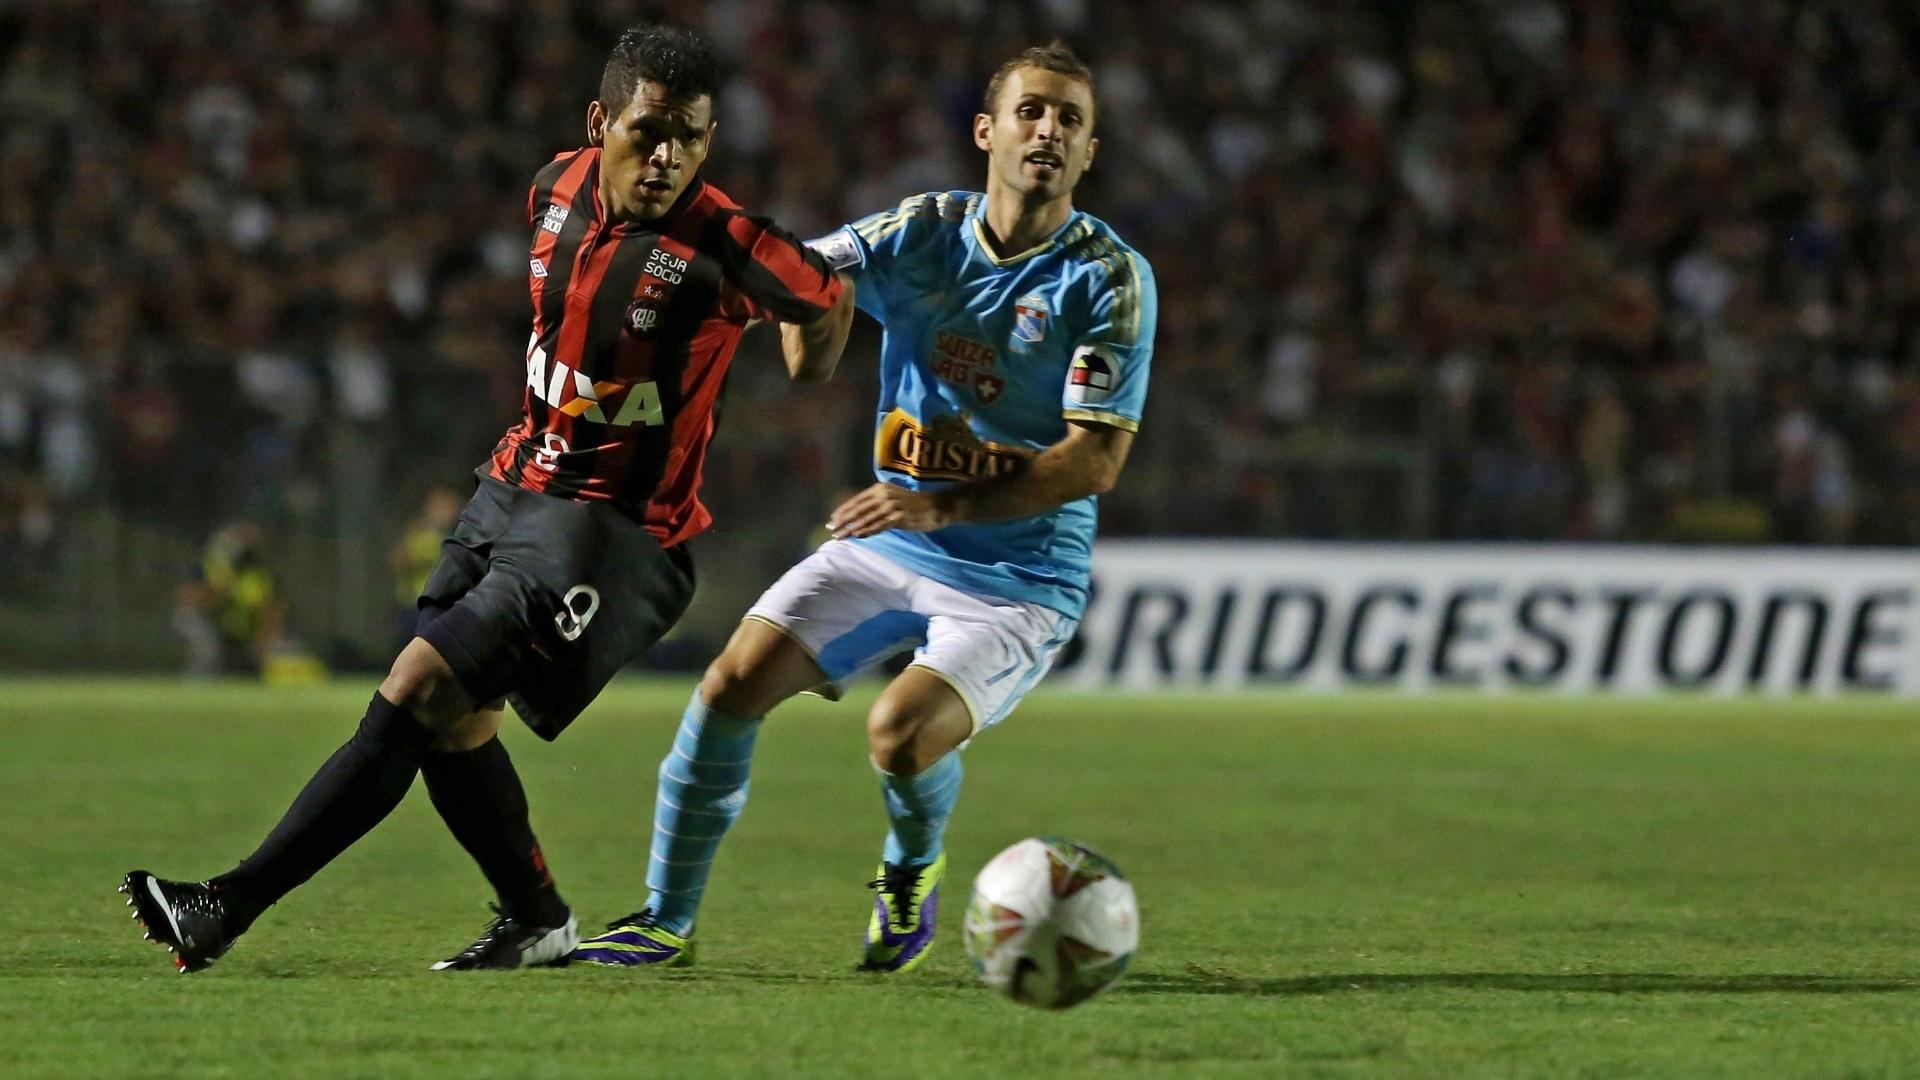 5.fev.2014 - Ederson observa a bola enquanto é marcado de perto por Calcaterra durante partida na Vila Capanema